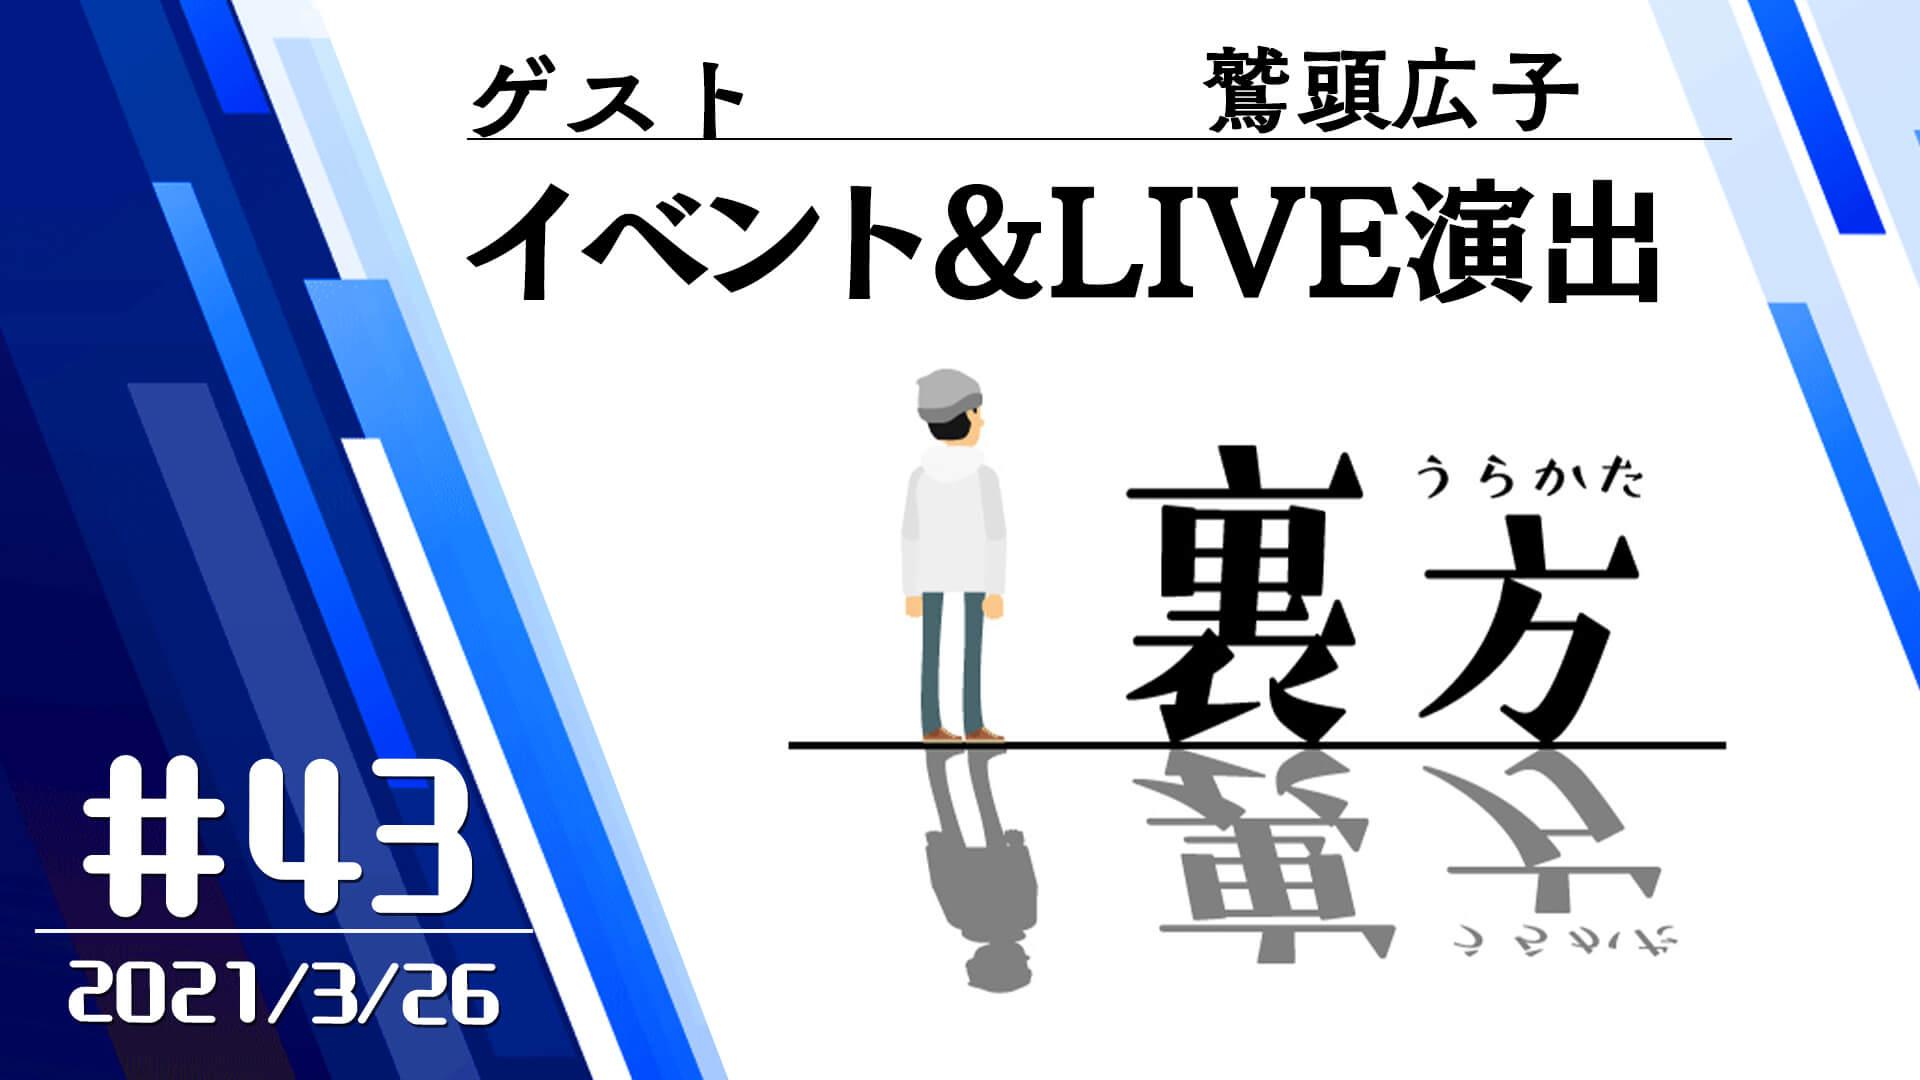 【ゲスト:イベント&LIVE演出 鷲頭広子さん】文化放送超!A&G+ 「裏方」#43 (2021年3月26日放送分)